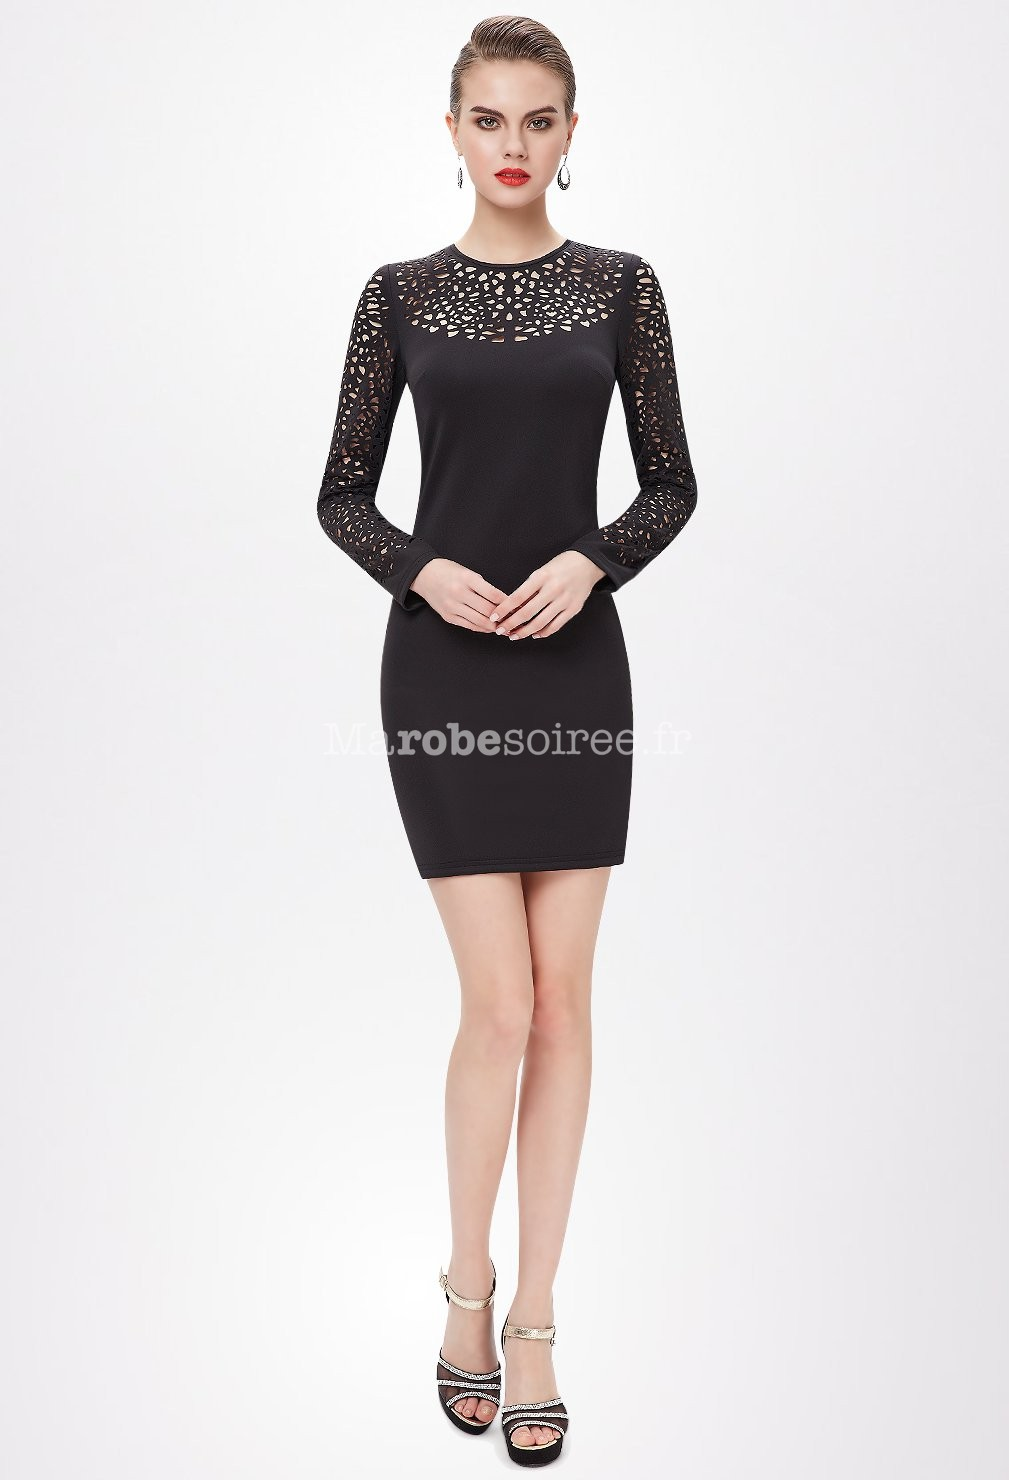 Robe noir avec manche transparente